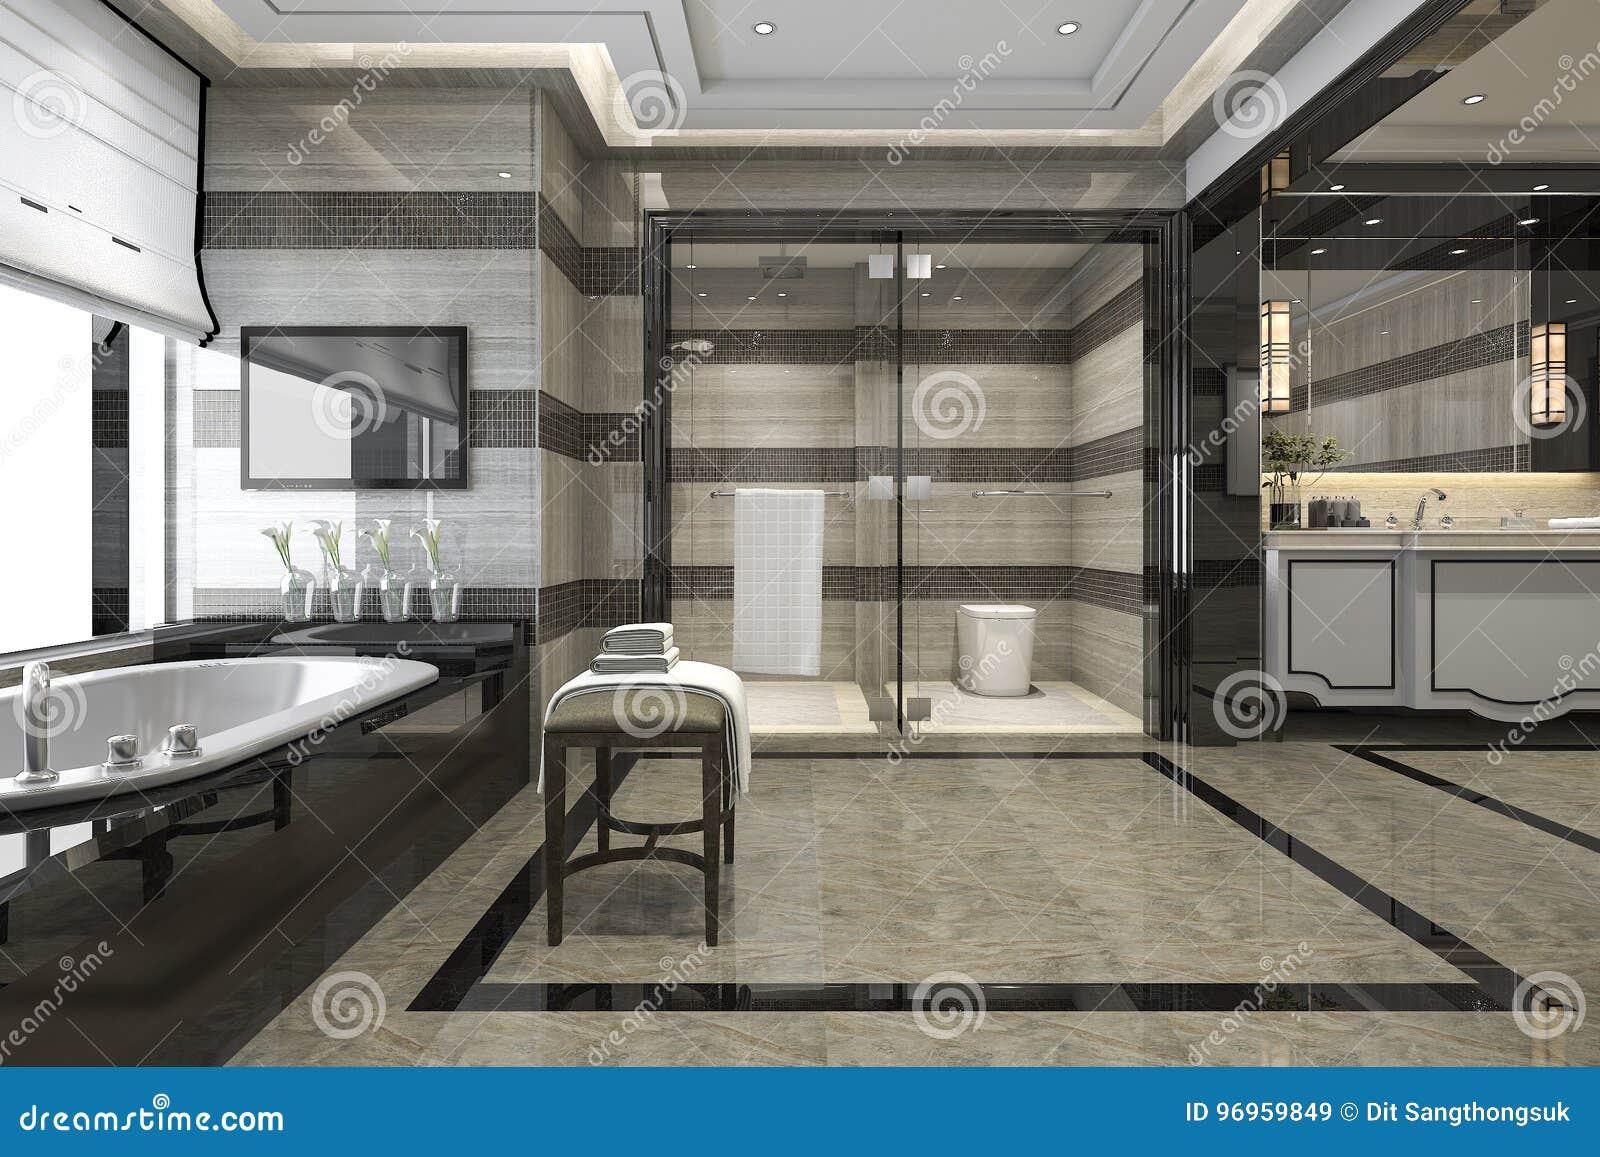 Bagno idee immagini e decorazione bagni moderni